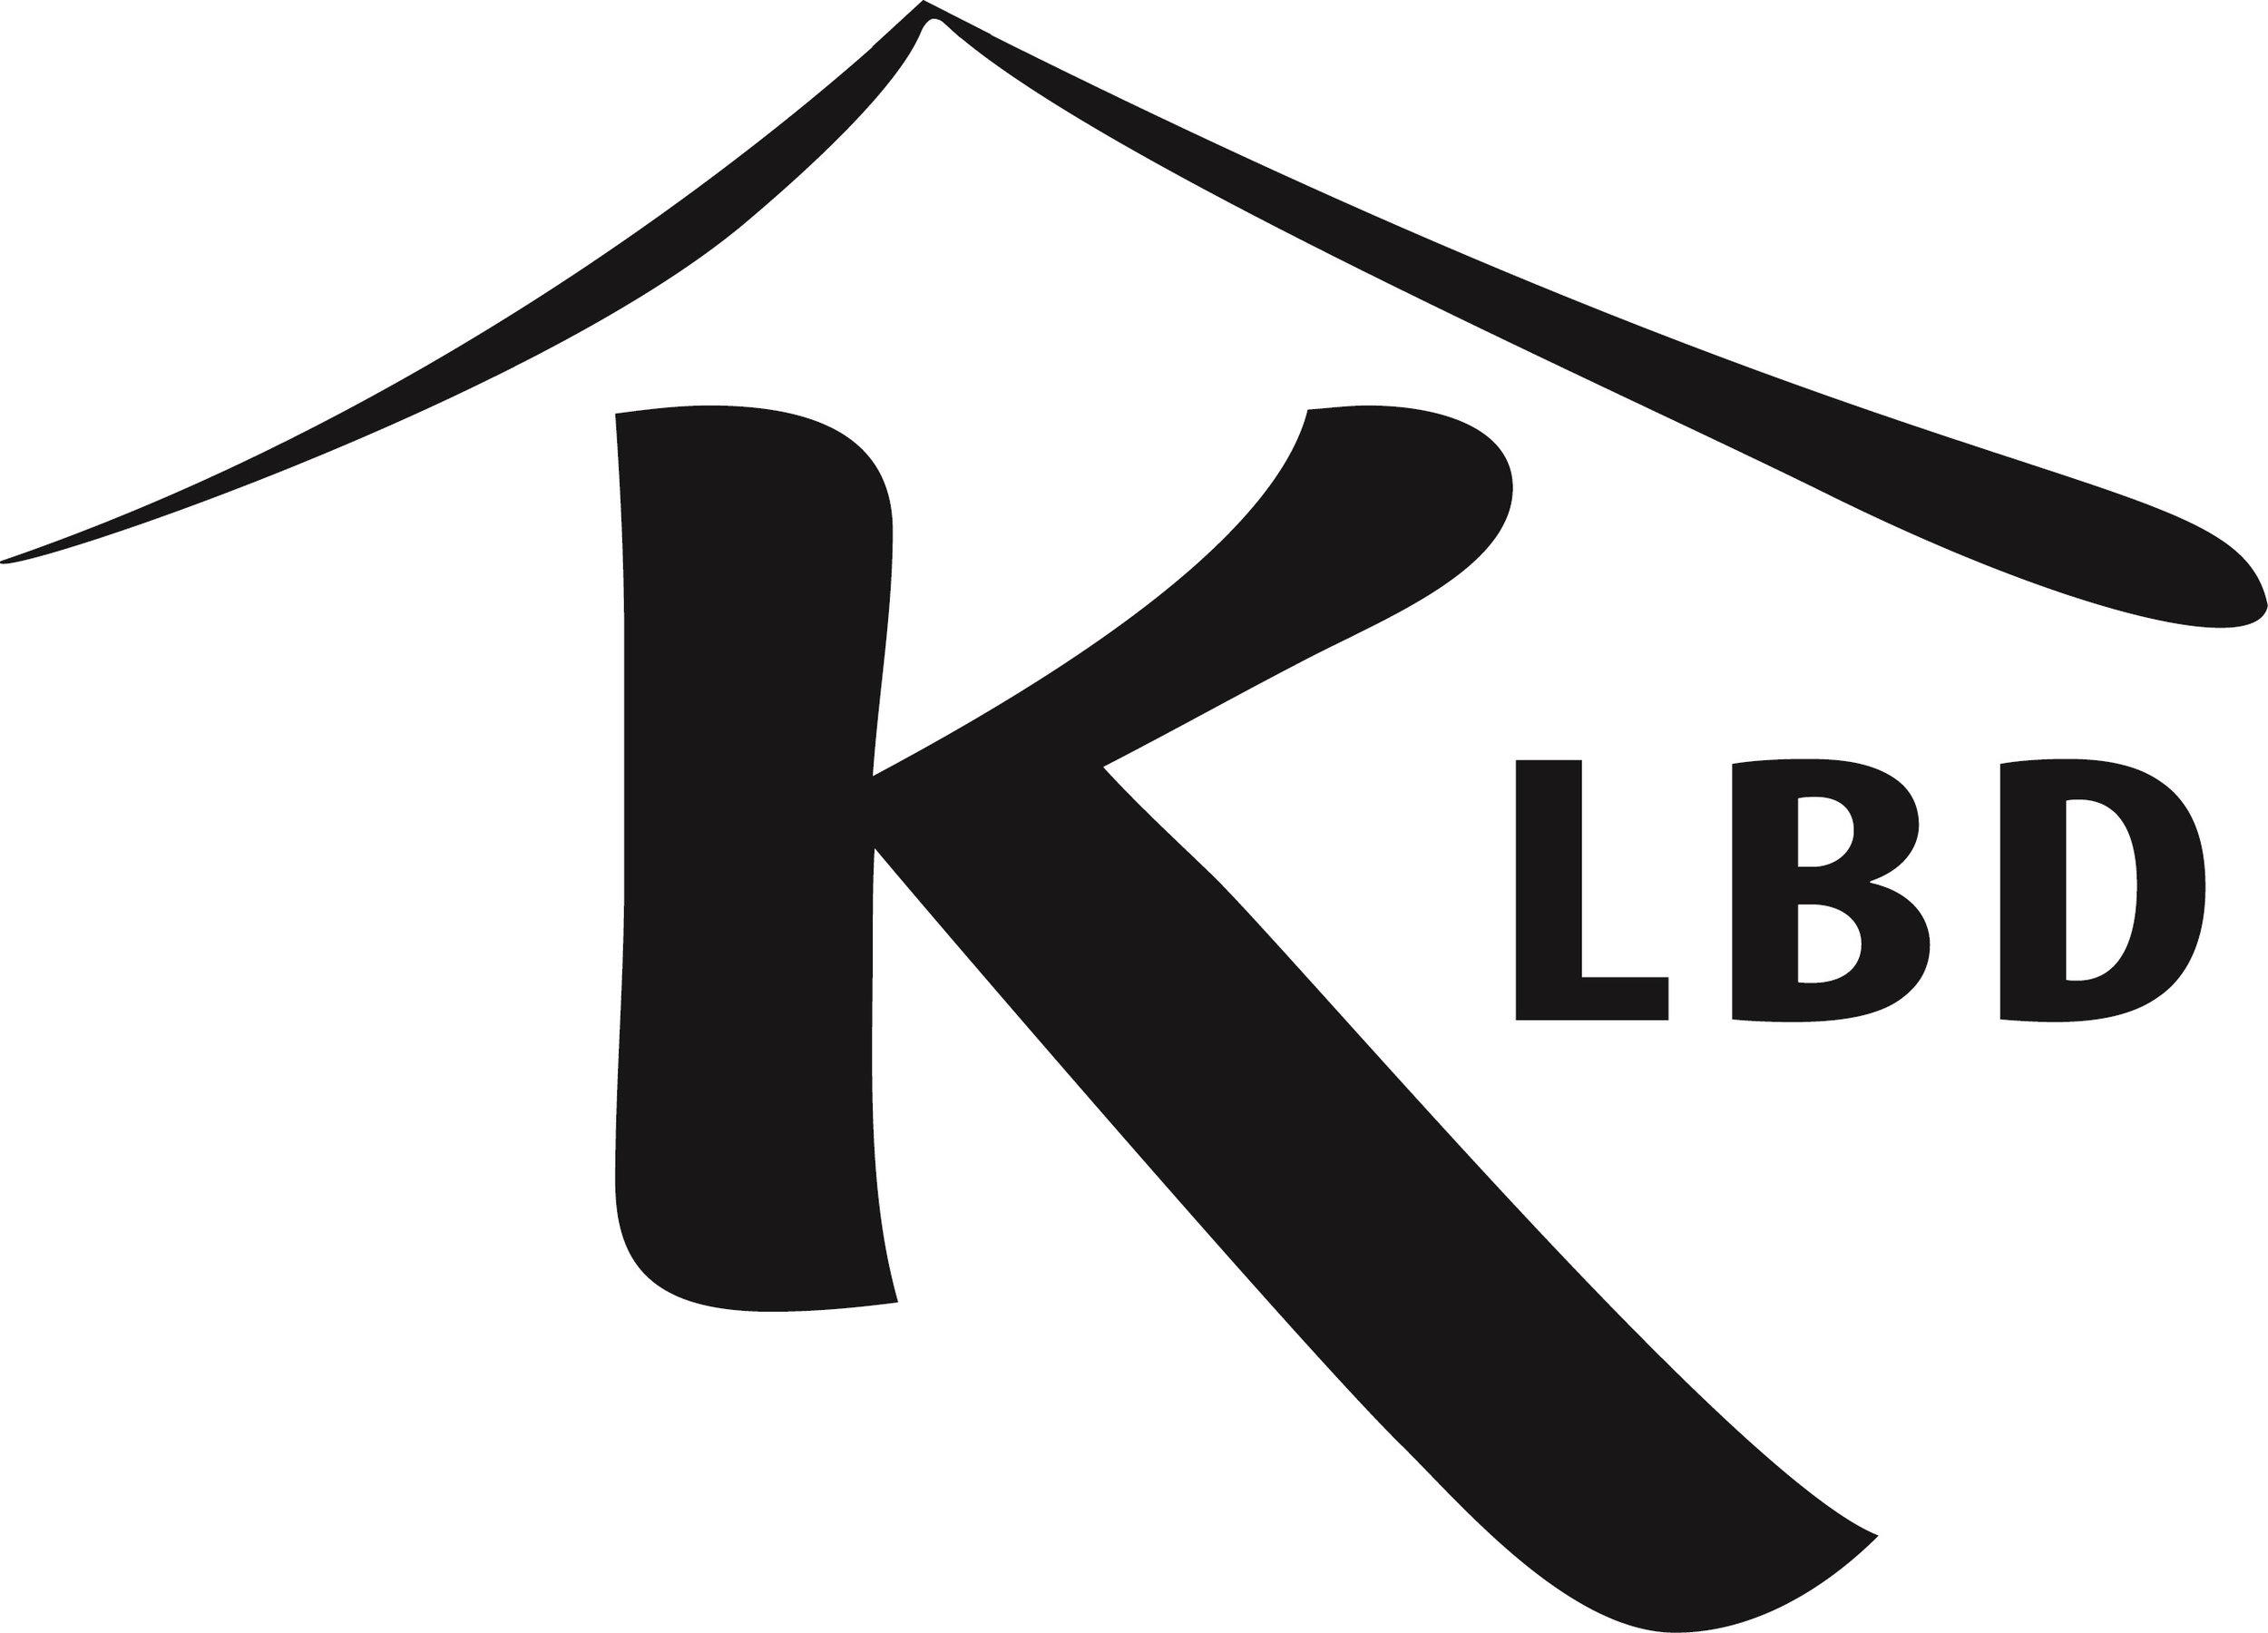 KLBD-Kosher-Logo.jpg